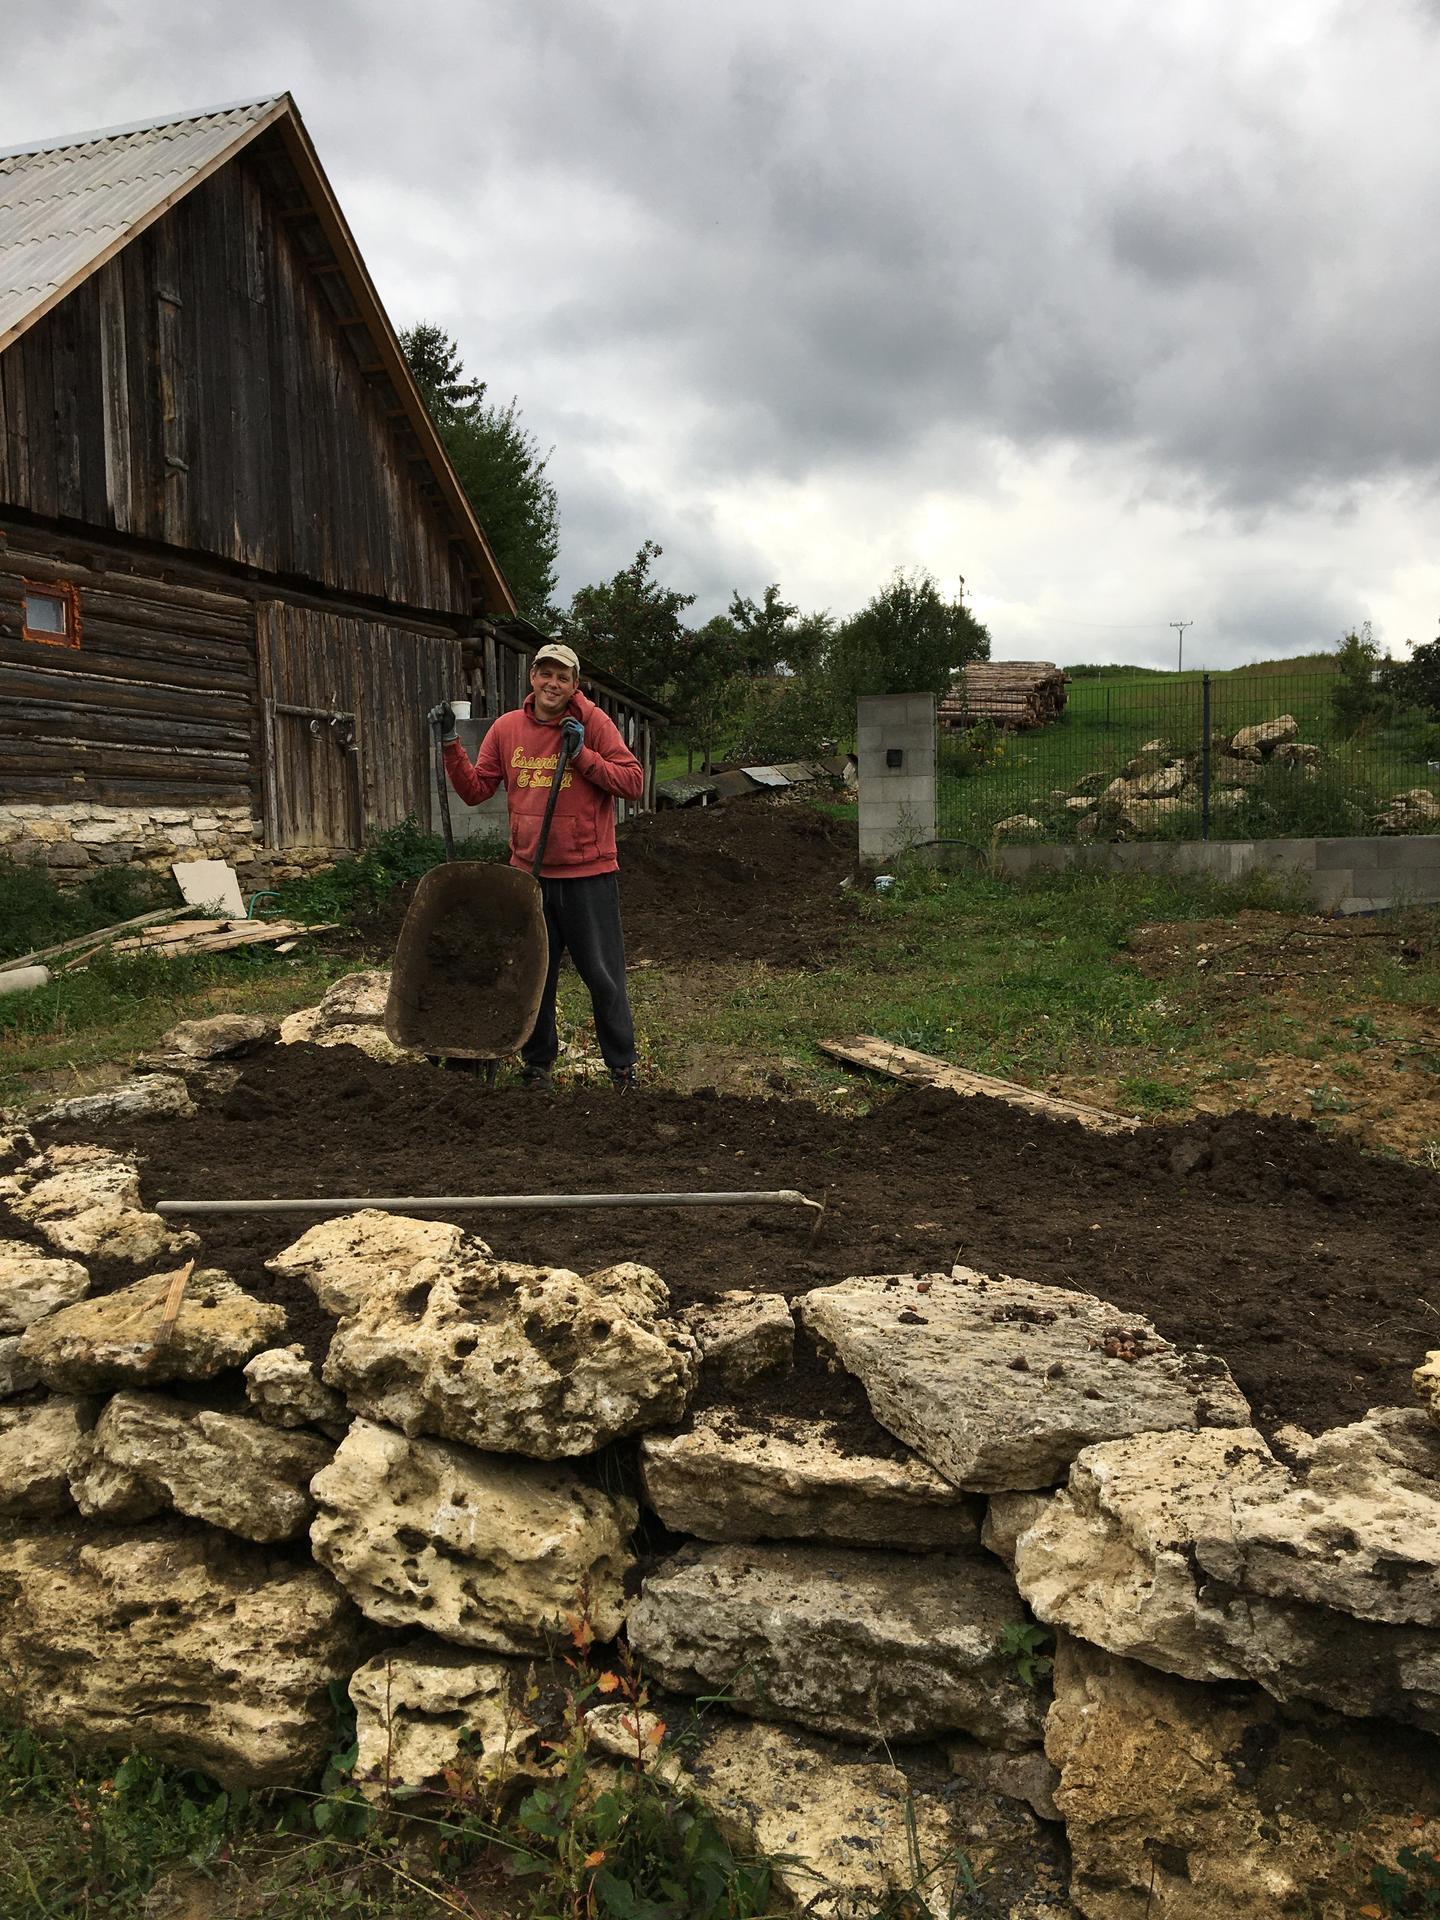 Tvorime zahradny domov - Furikovacia a hrablickovacia vikendovka za nami.